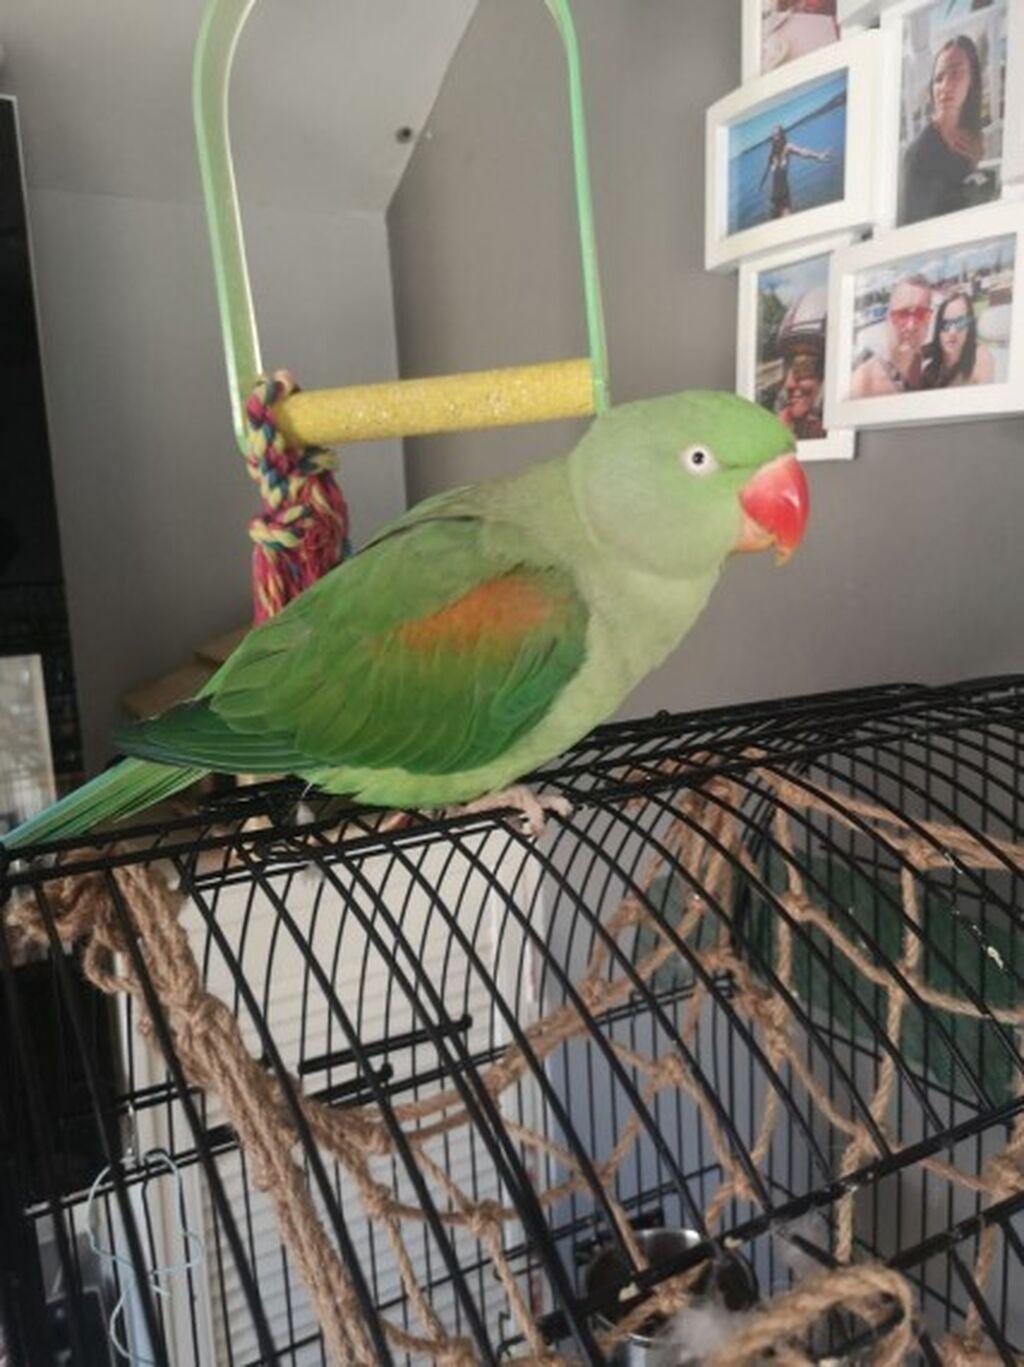 Γεια σε όλους ψάχνουμε για νέο σπίτι για τον αγαπημένο μας παπαγάλο: Γεια σε όλους ψάχνουμε για νέο σπίτι για τον αγαπημένο μας παπαγάλο,